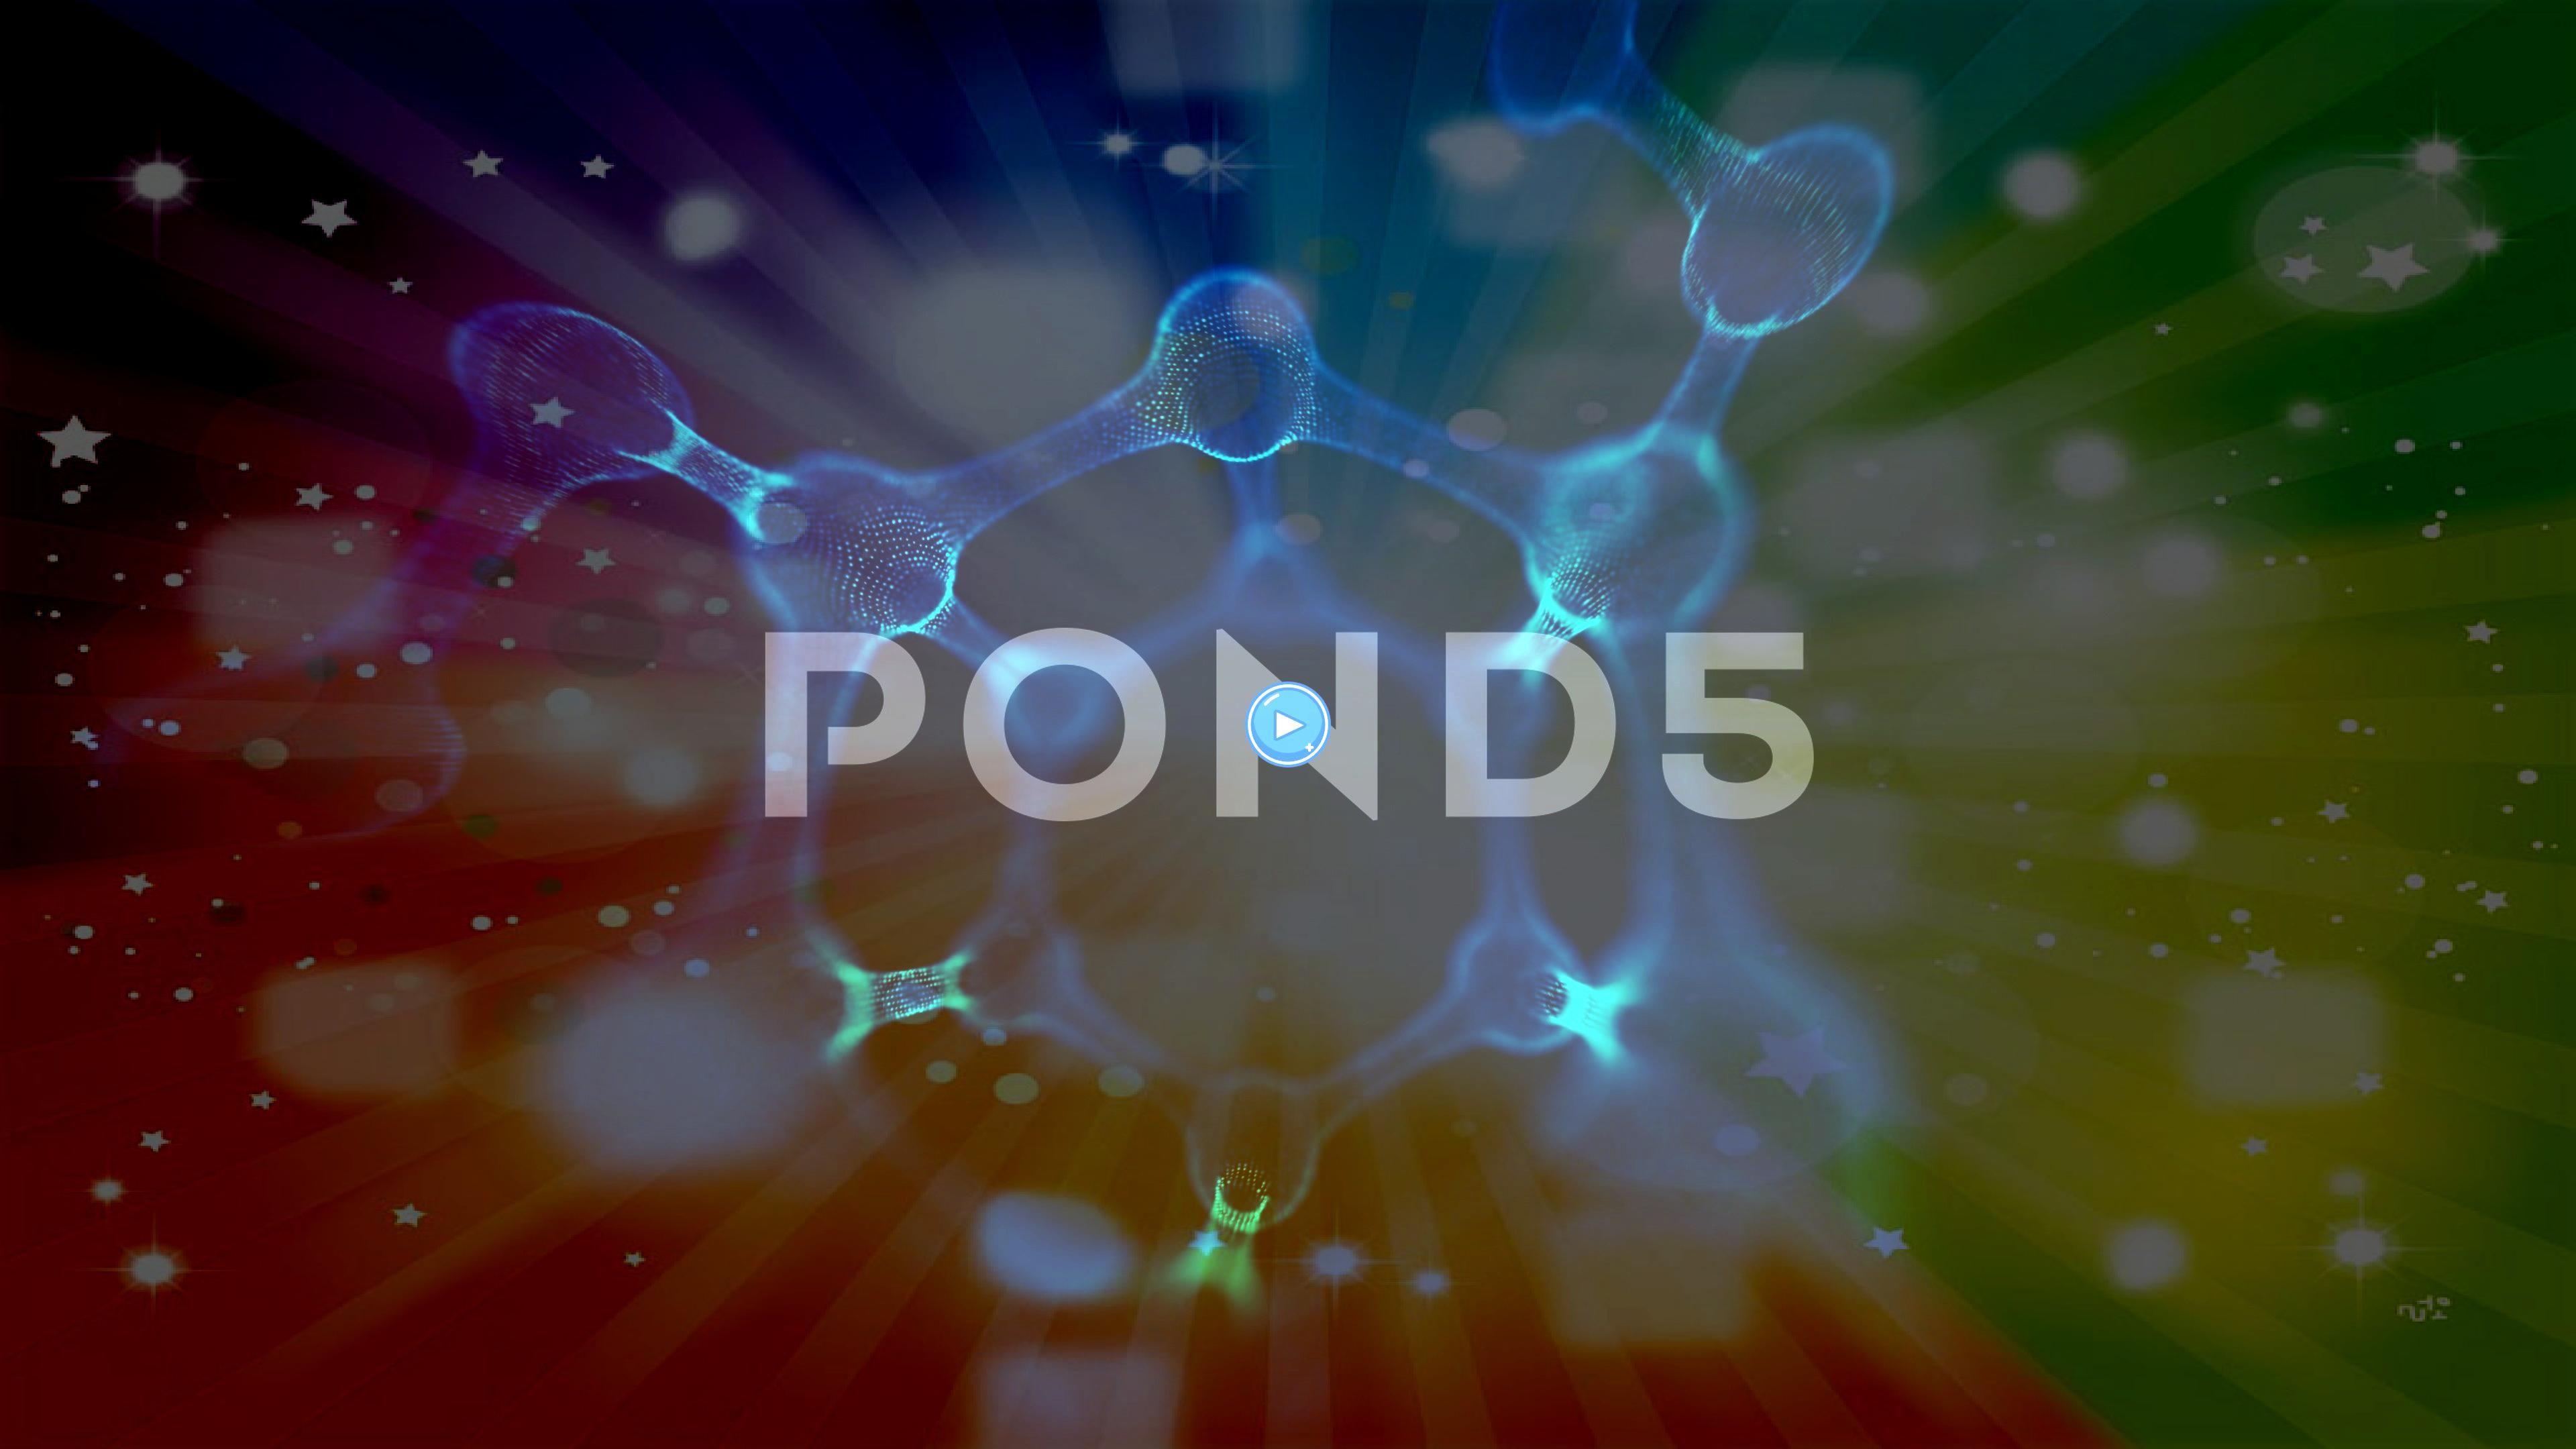 molecule or atom science or medical background Stock Footage atomscienceLoopedmoleculeLooped molecule or atom science or medical background Stock Footage atomscienceLoope...